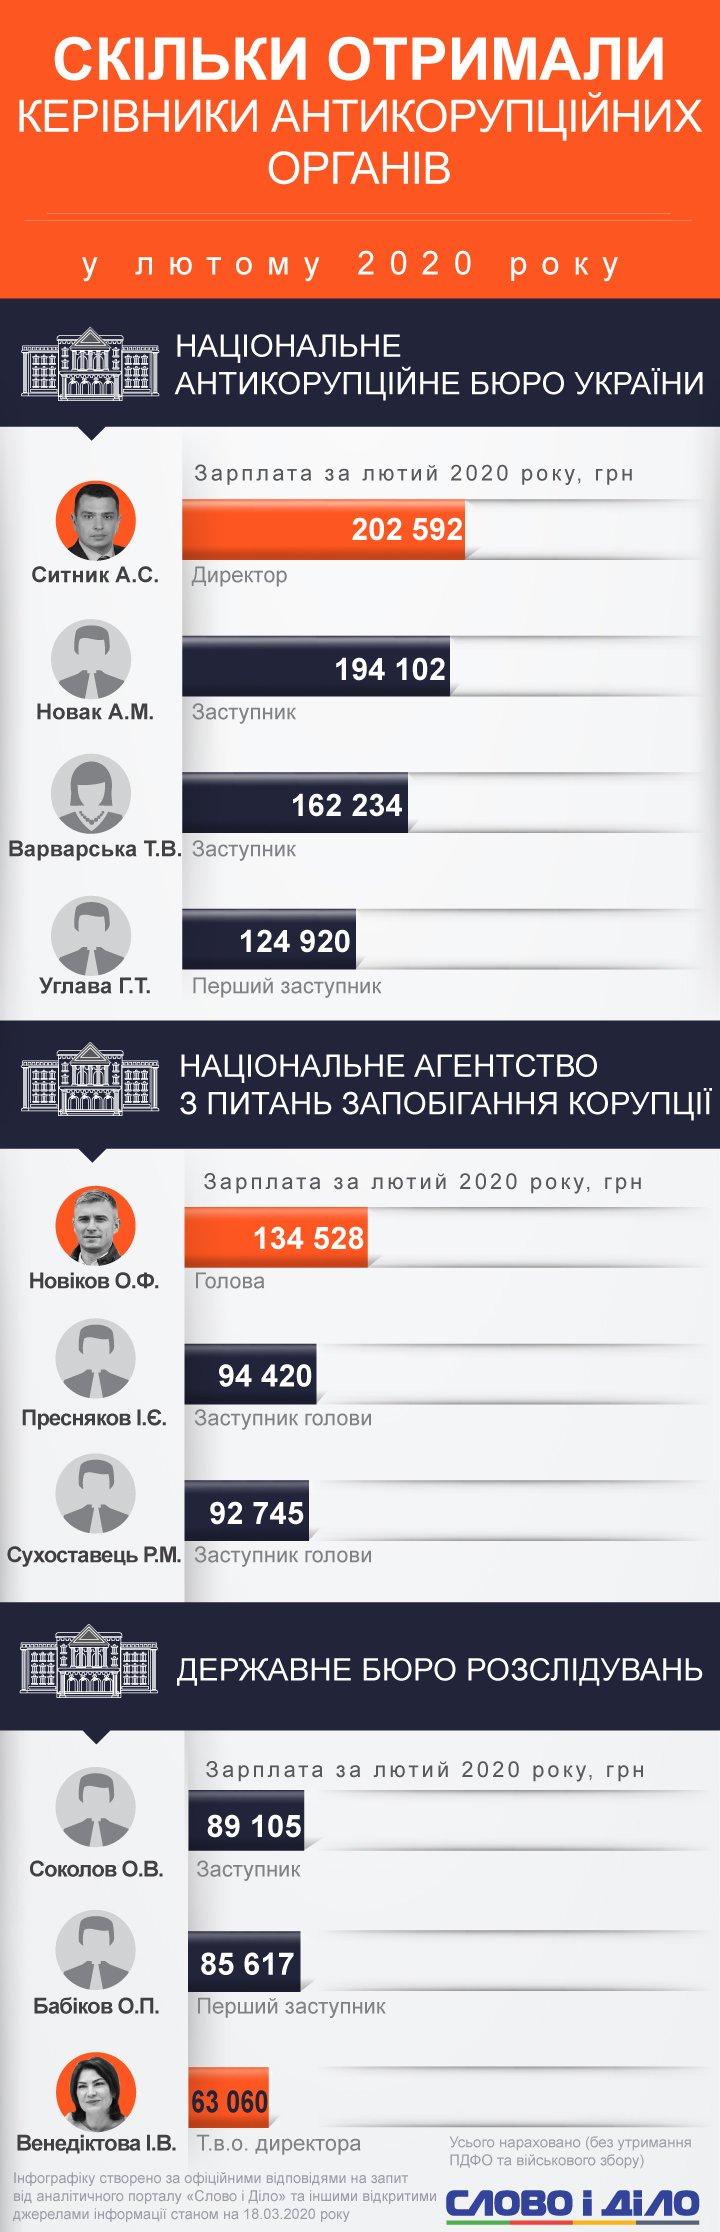 Найвищі зарплати в лютому були в Національному антикорупційному бюро України. Артем Ситник заробив понад 200 тисяч.